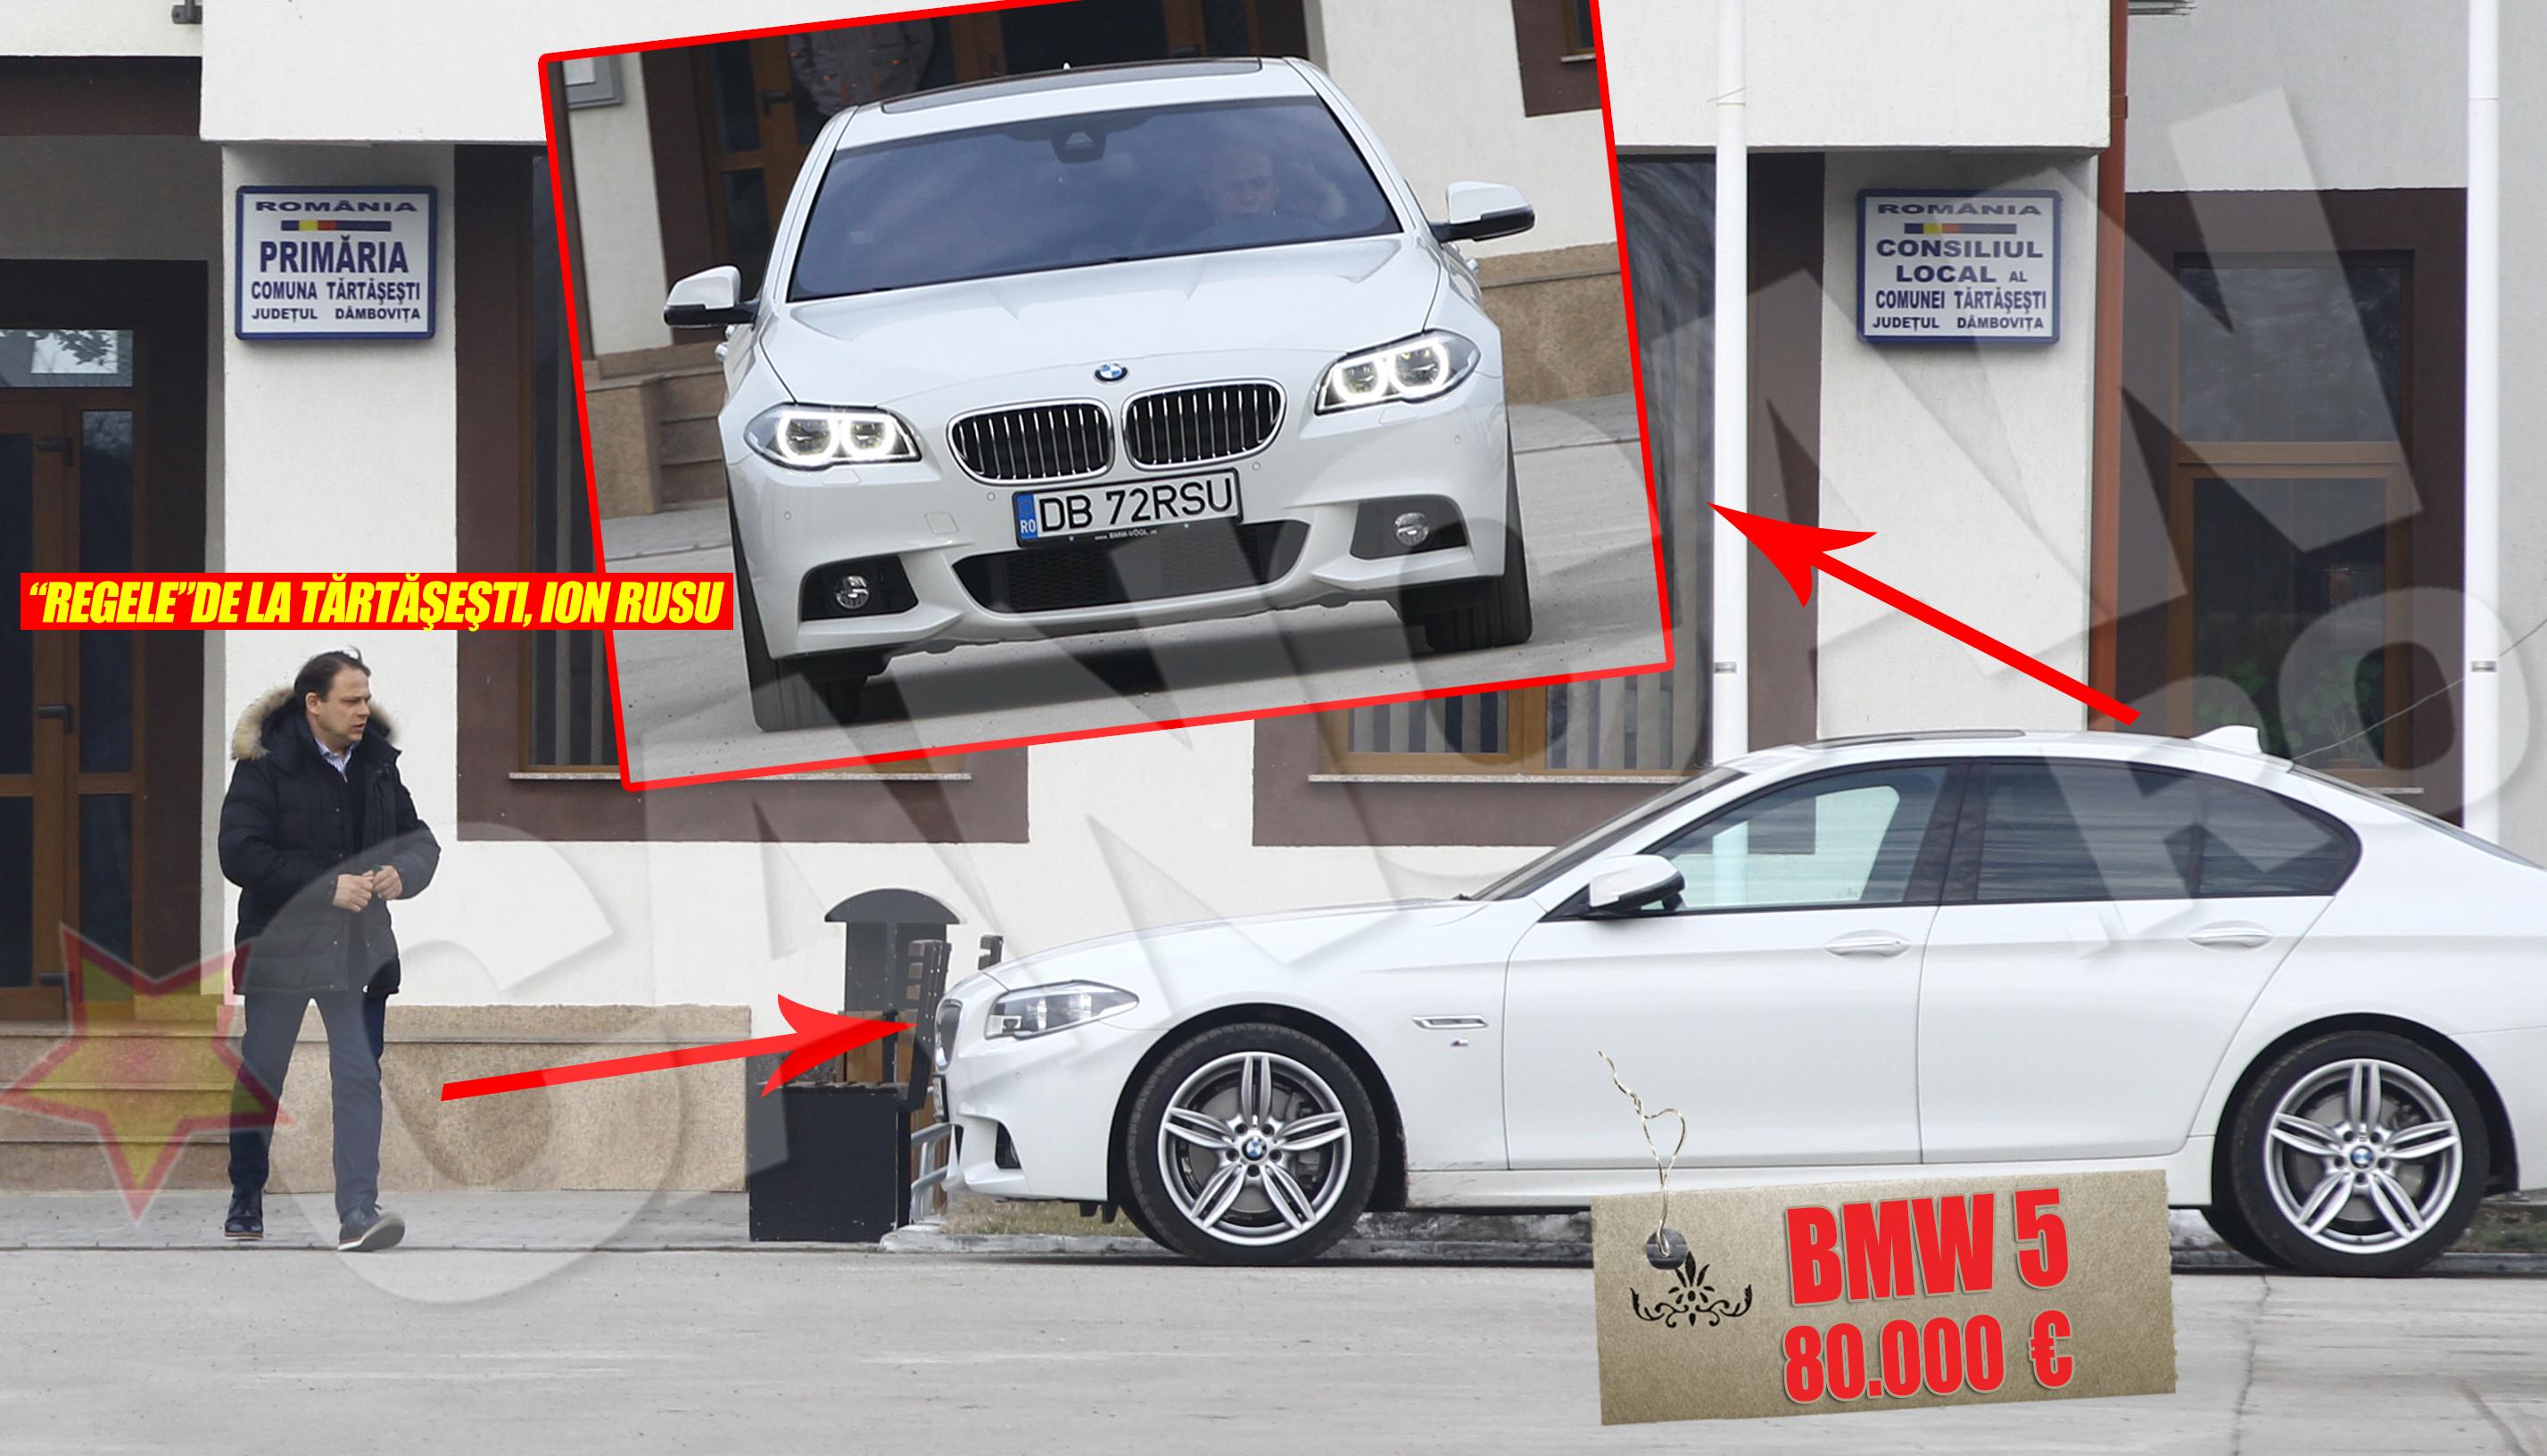 Primarul Rusu merge zilnic la biroul de la Primarie cu un BMW seria 5 care costa in jur de 80.000 de euro